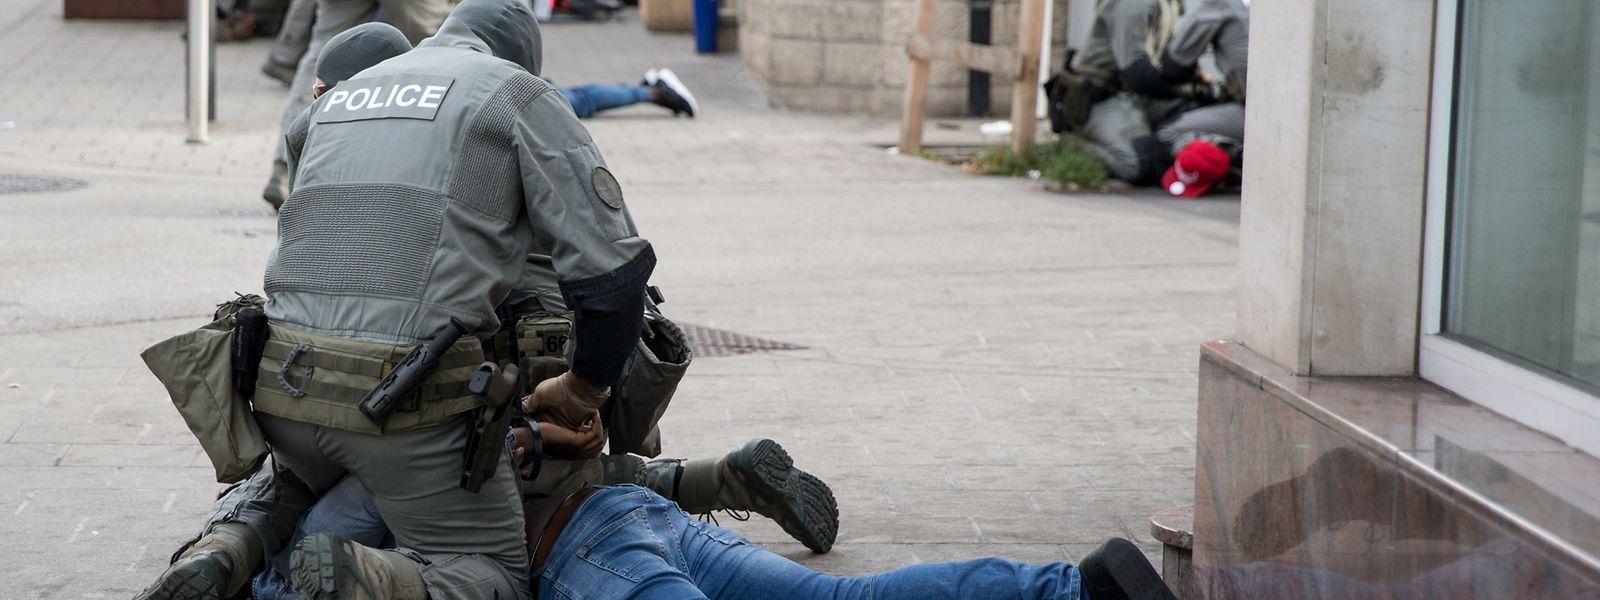 Die Sicherheitskräfte haben am Dienstag in kürzester Zeit zahlreiche Personen in der Escher Avenue de la Gare überwältigt.